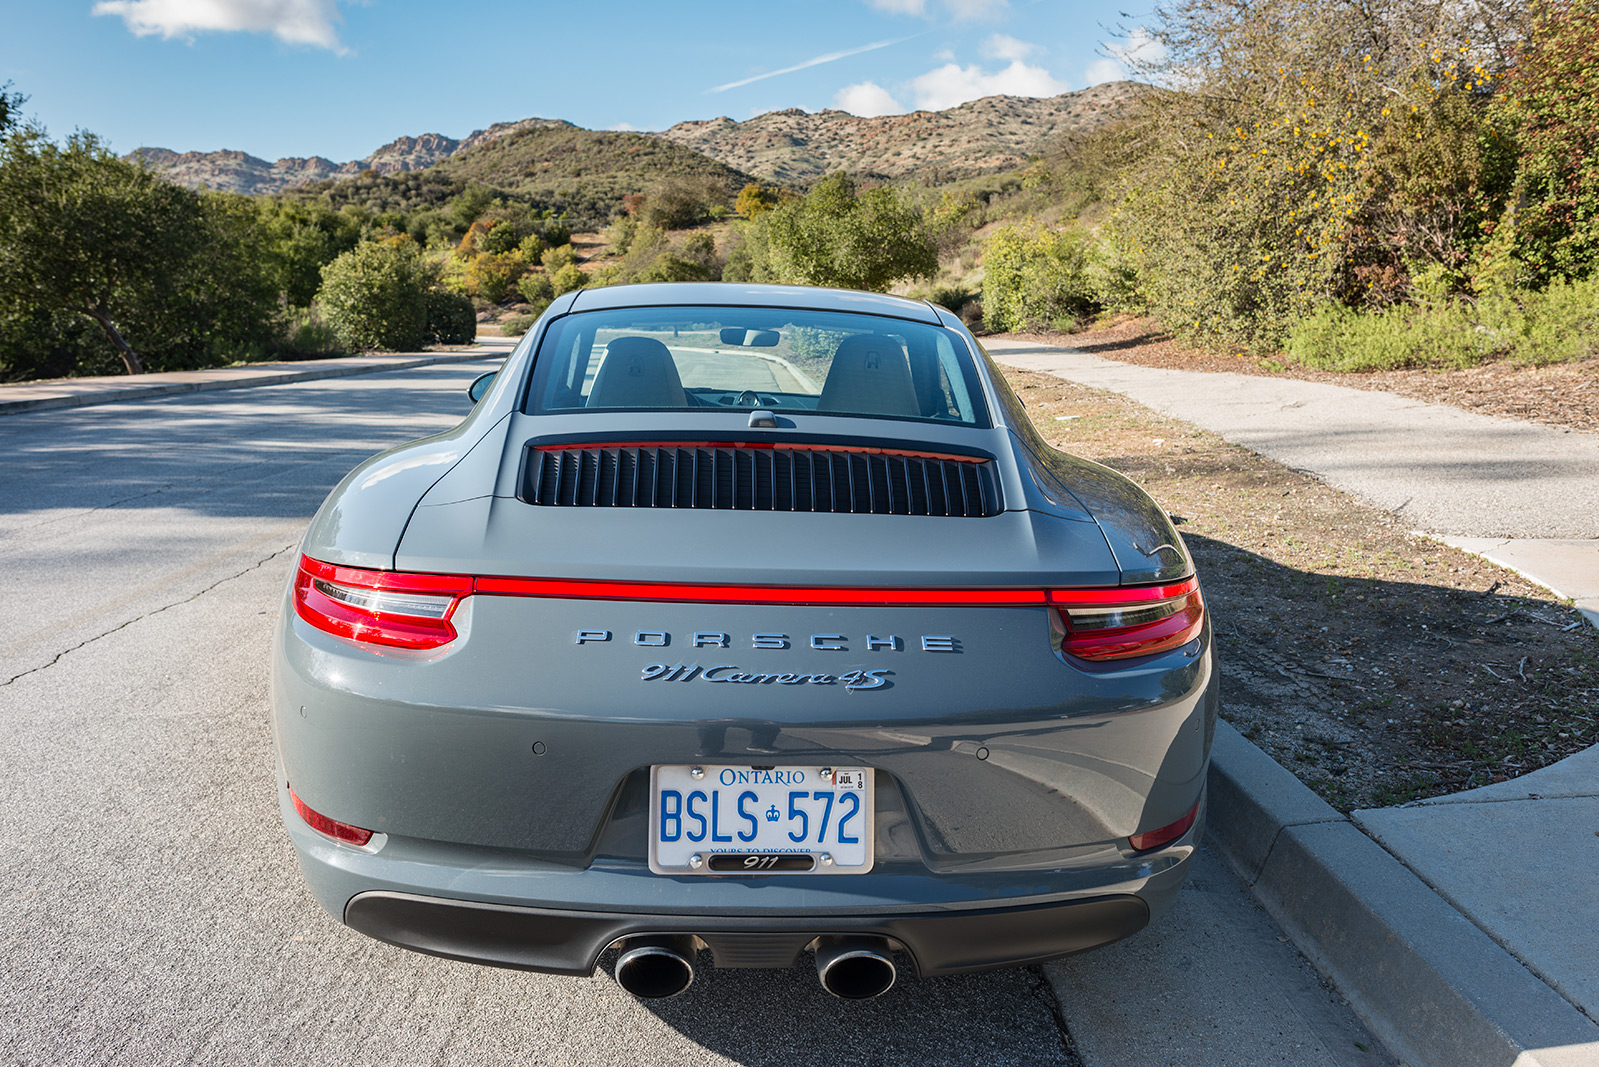 TrackWorthy - Toronto to LA - Porsche 911 C4S 991.2 - 050